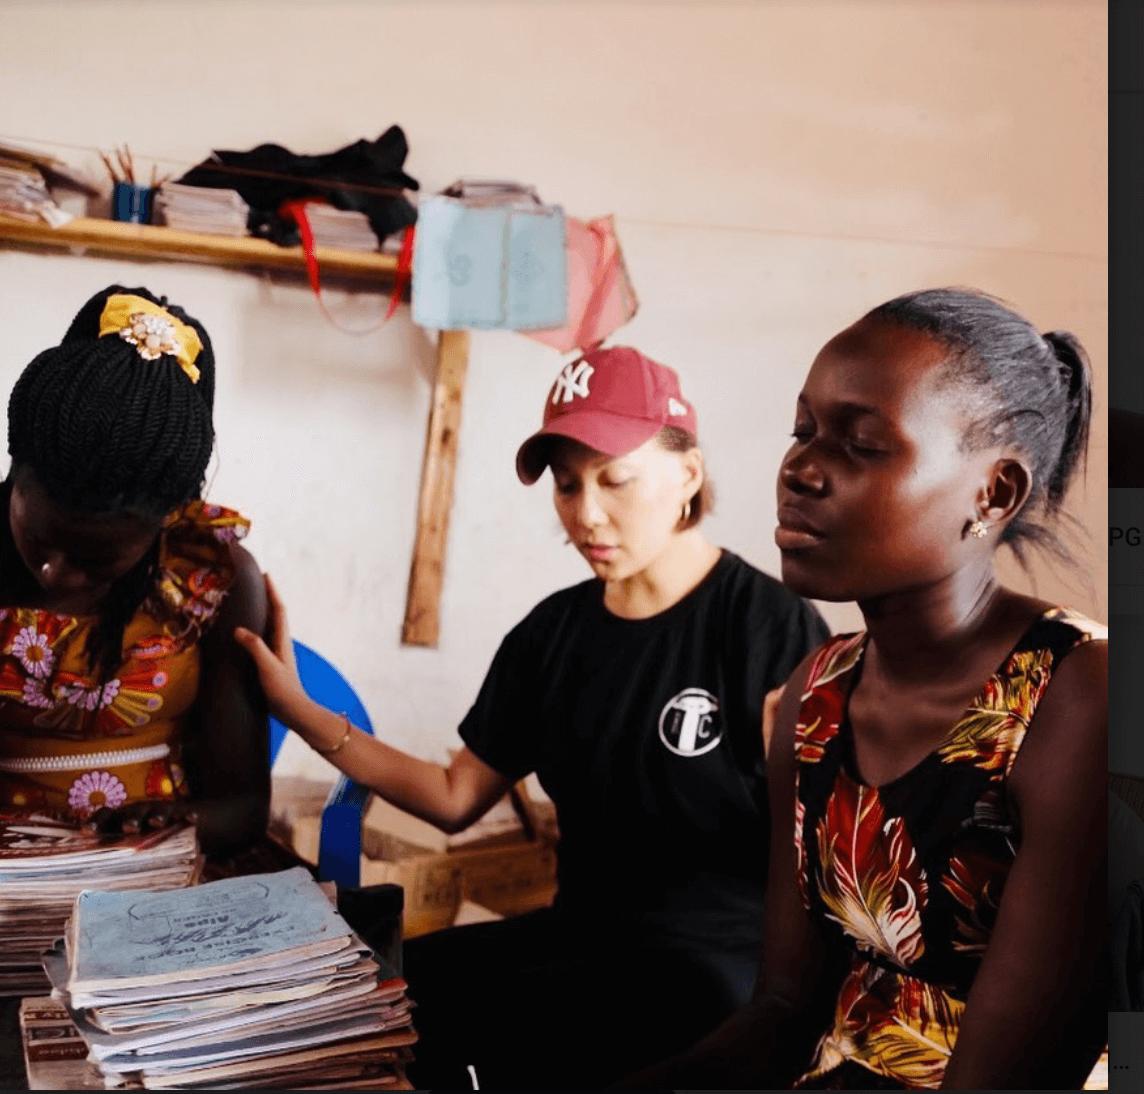 衛詩近年不時參與慈善活動,早前更到烏干達進行探訪